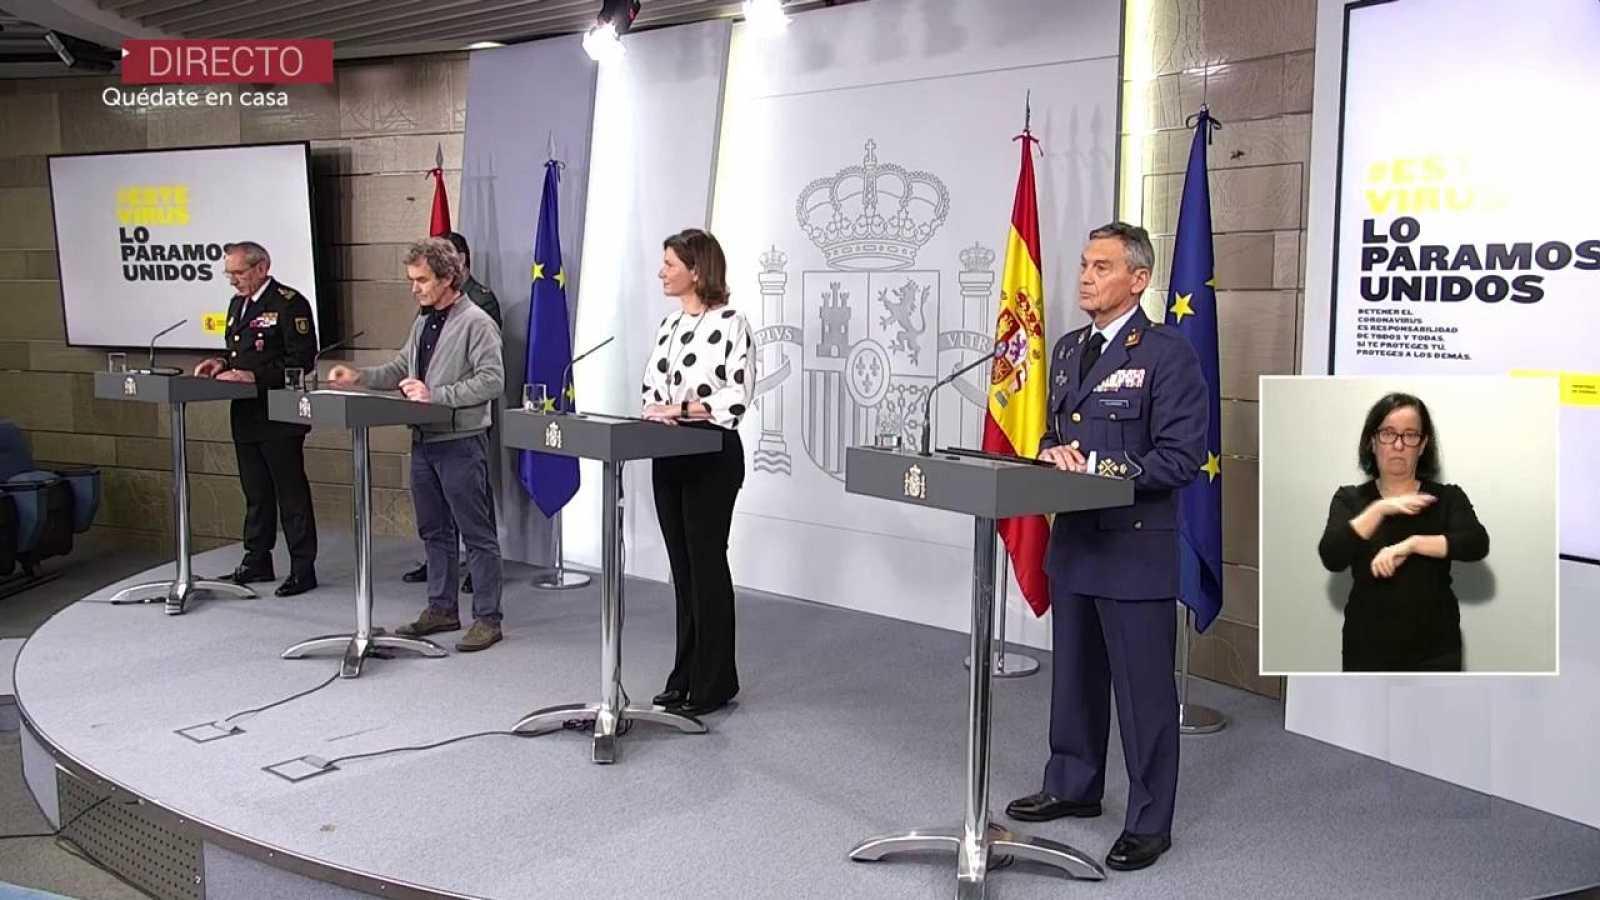 ثقة الحكومة أزمة فيروس كورونا الإسبانية الإسبان